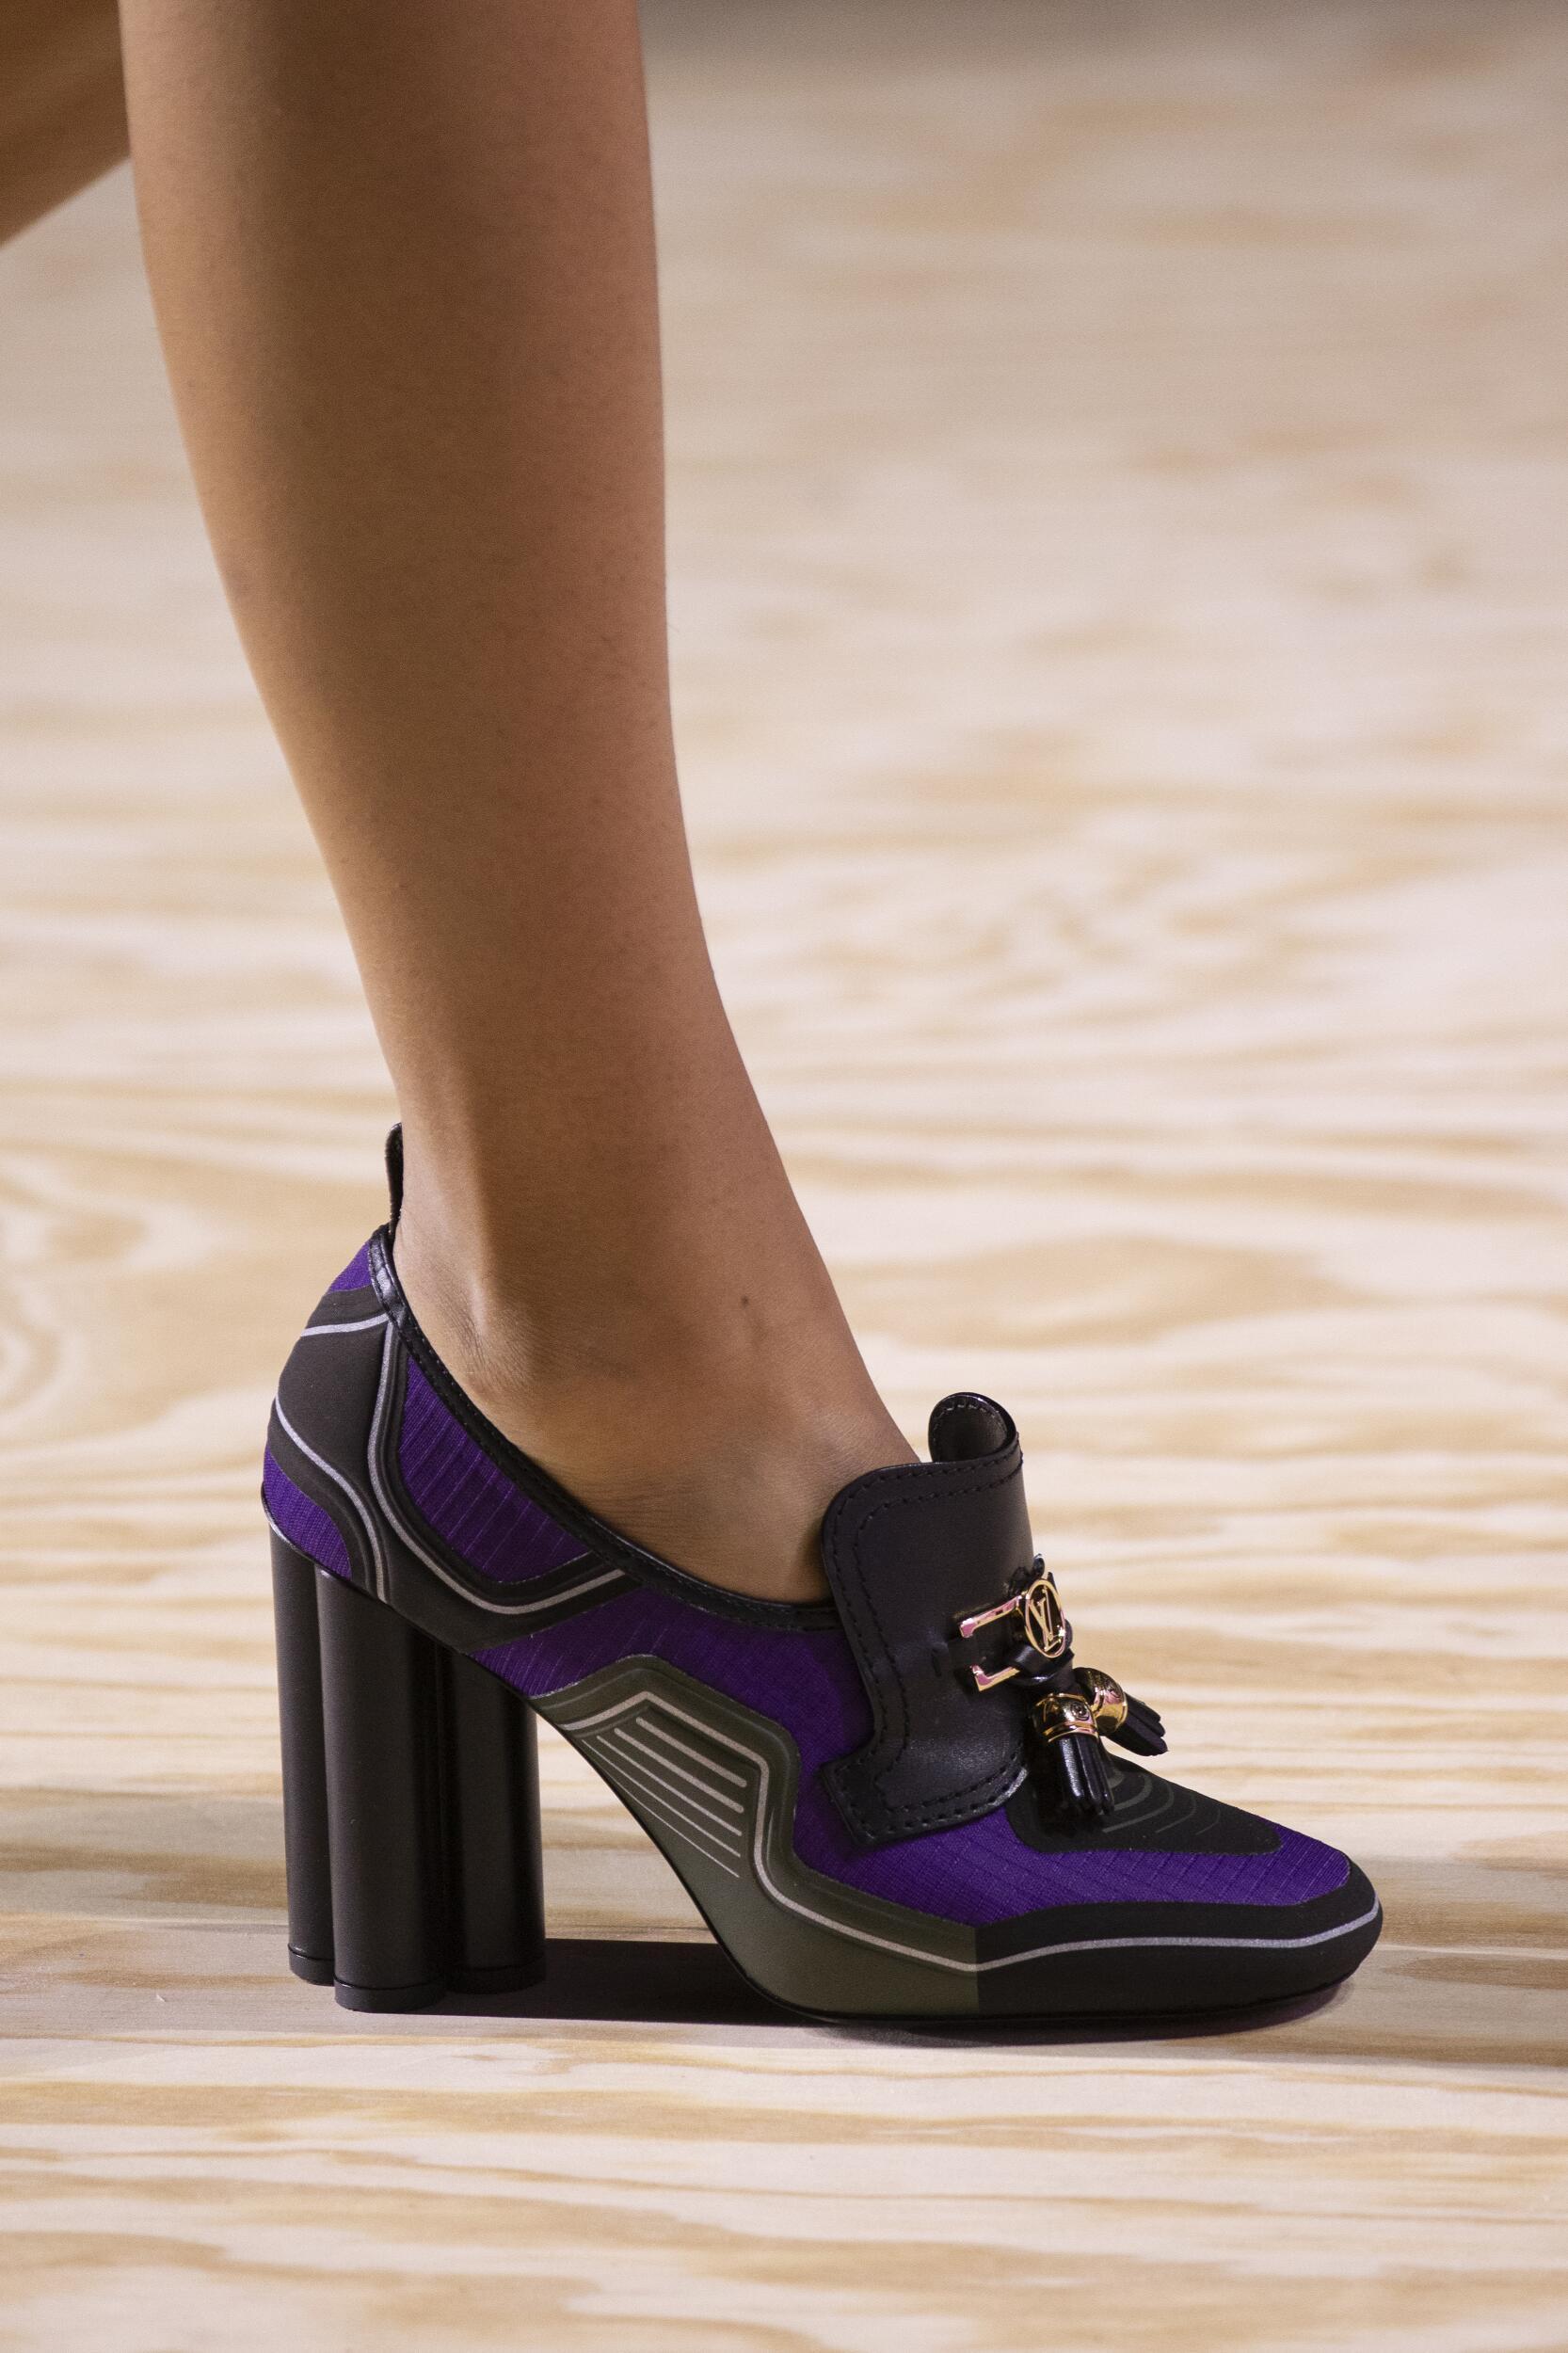 2020 Shoes Louis Vuitton